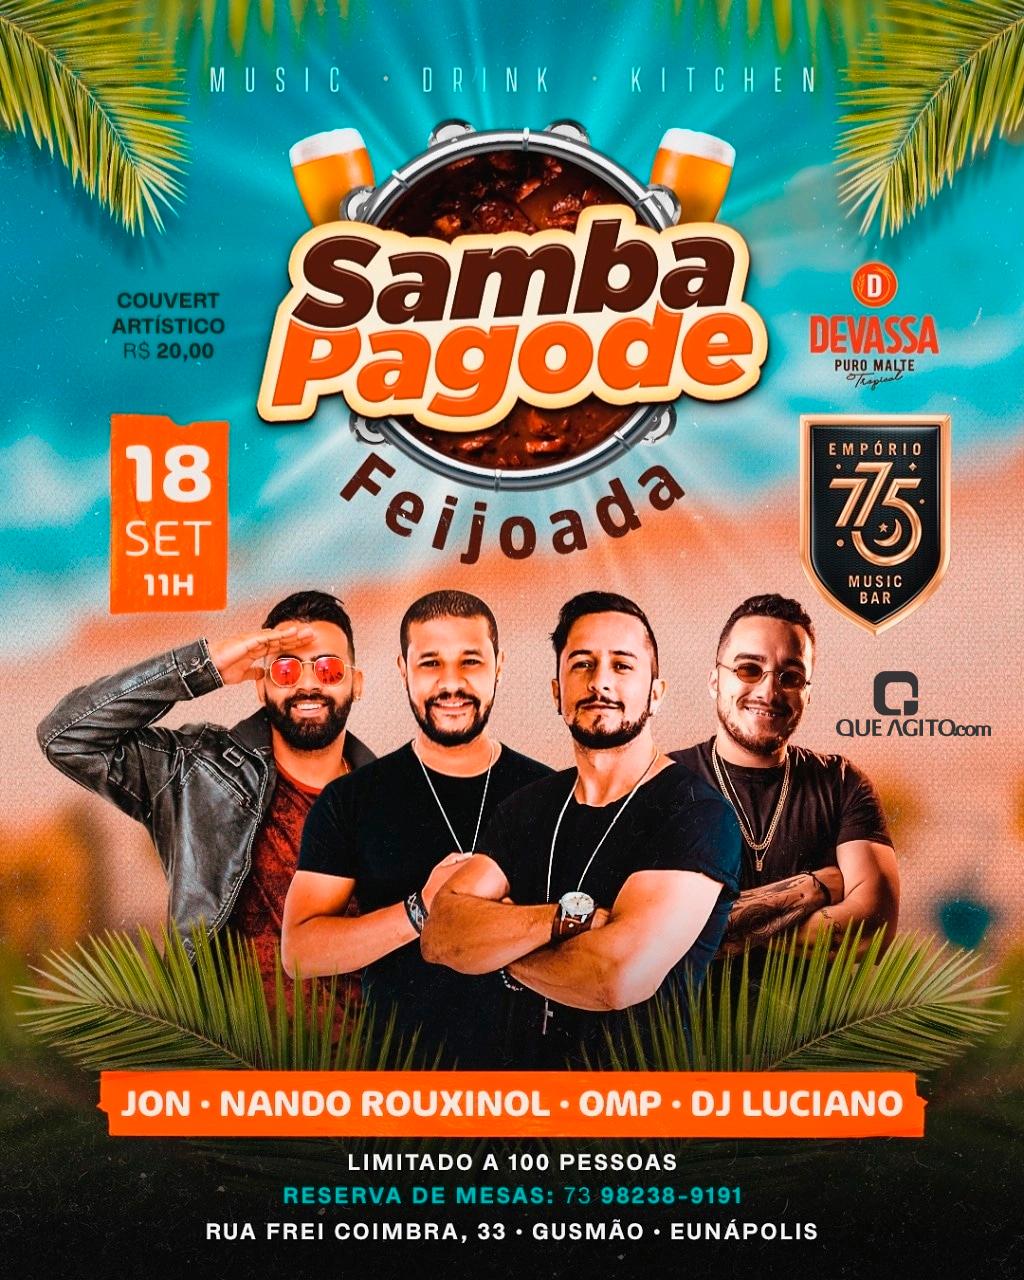 Samba Pagode Feijoada no Empório 775 - Eunápolis-Ba 16